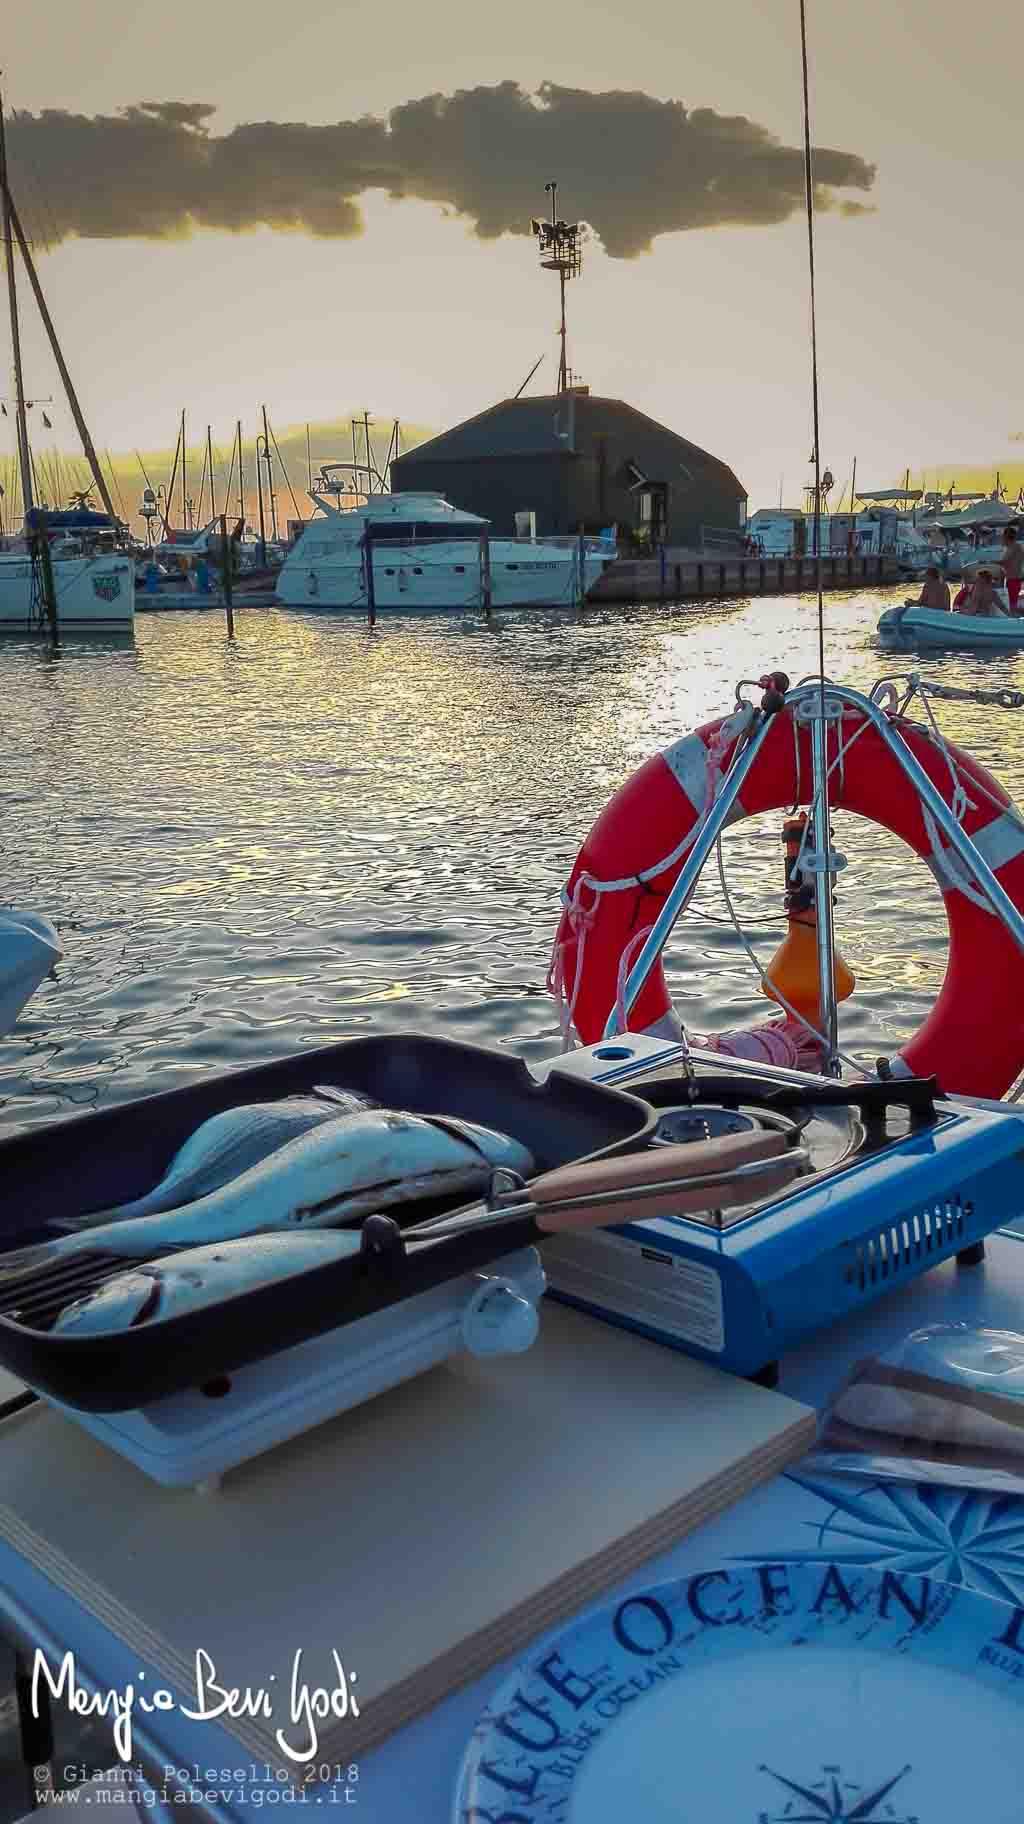 Orate alla griglia cotte in una bistecchiera nel pozzetto di una barca a vela al tramonto